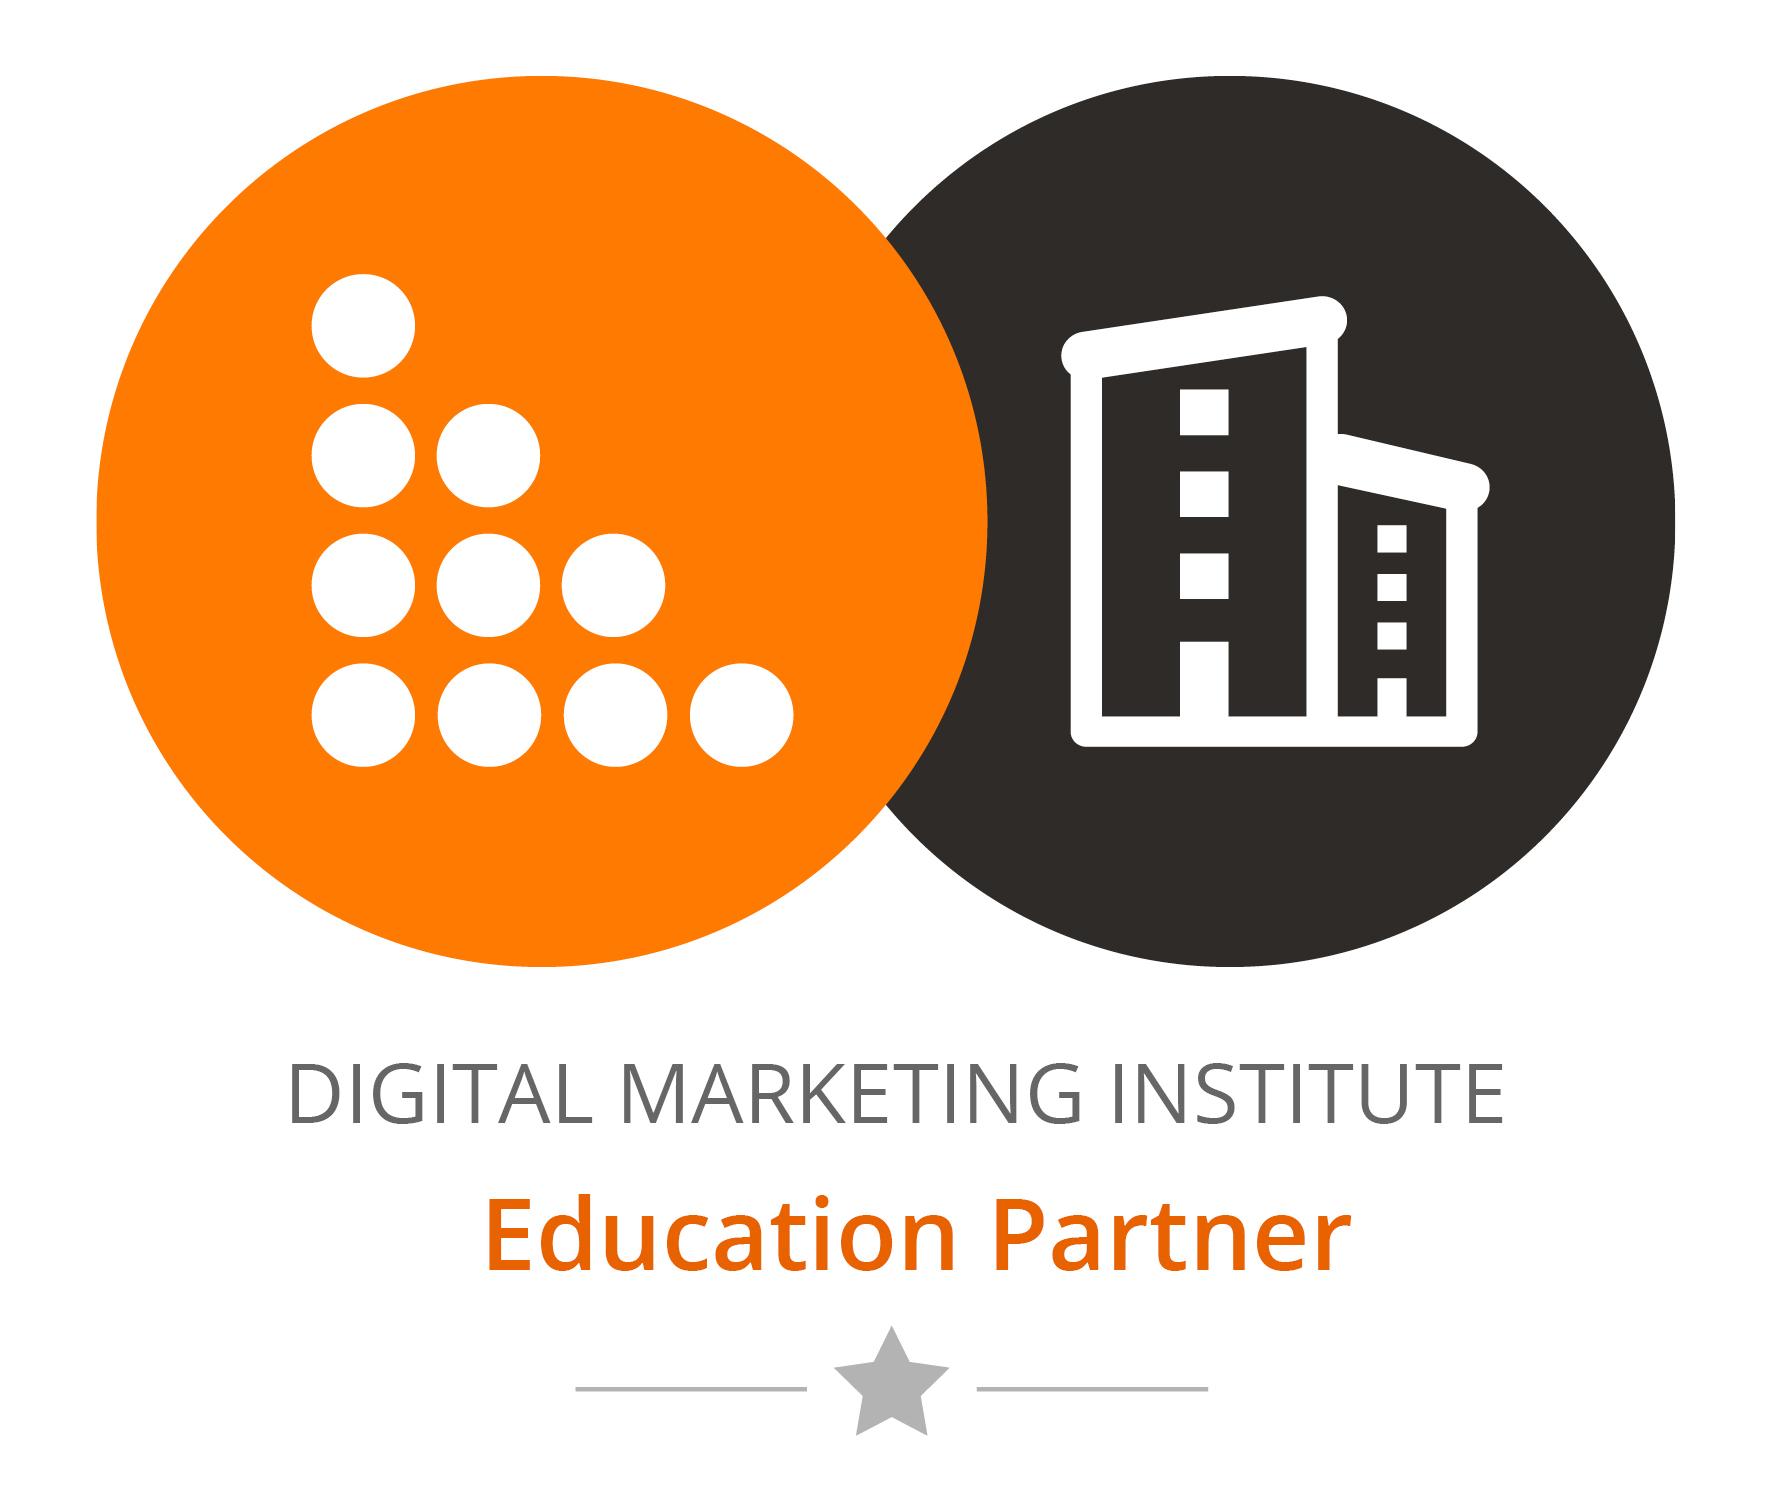 DMI Digital Marketing Education Partner